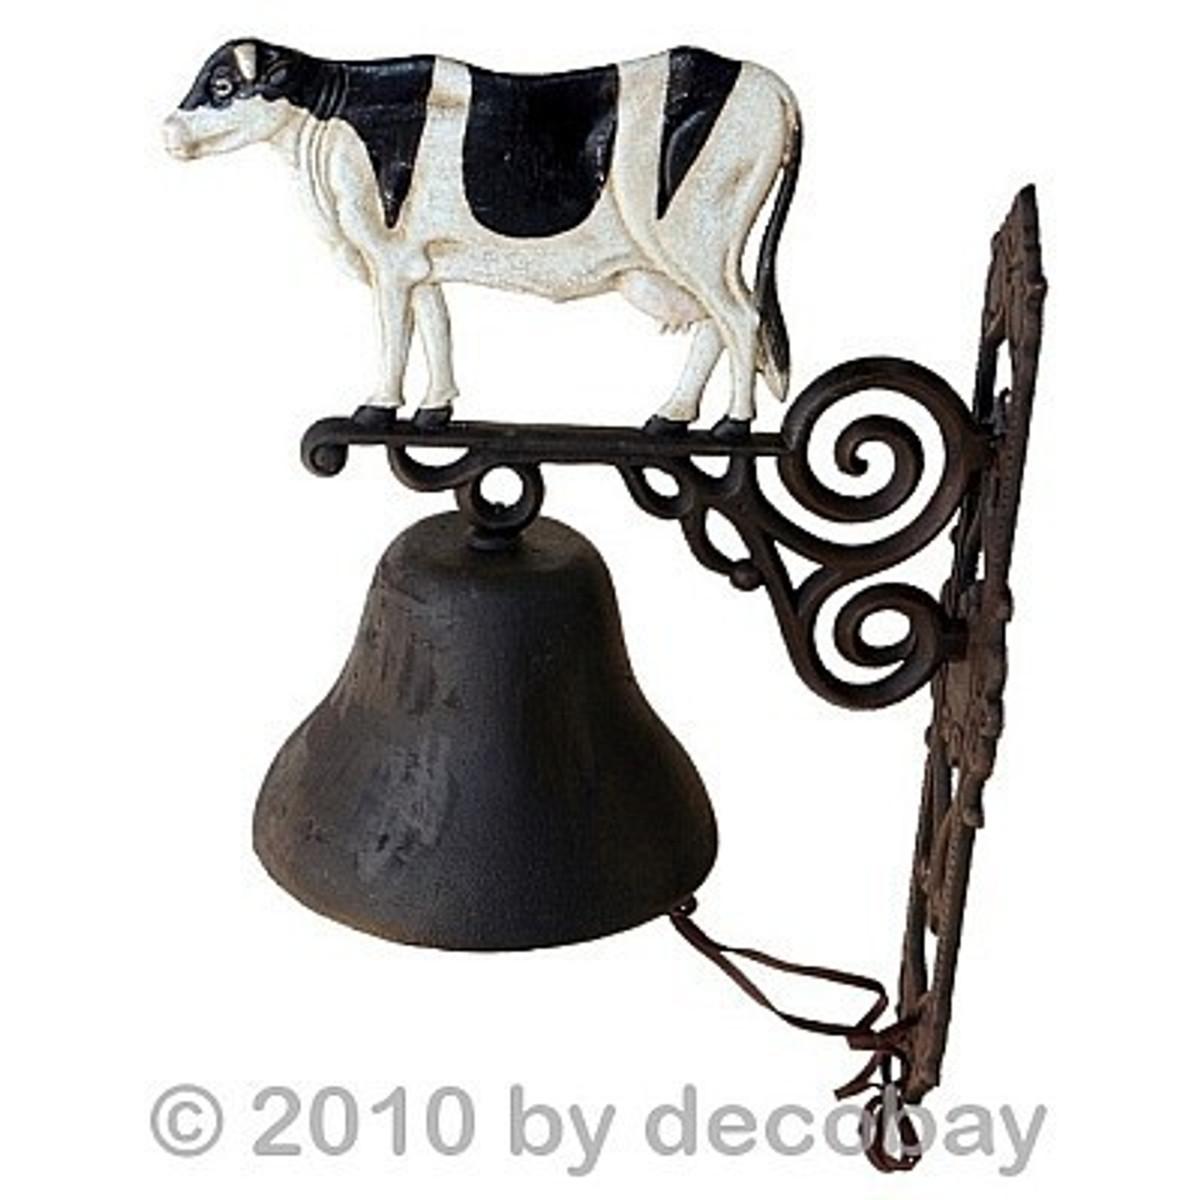 Kuhglocke Gusseisen als Wand Glocke gut hörbar. Urige Deko nicht nur für Milchbauern.